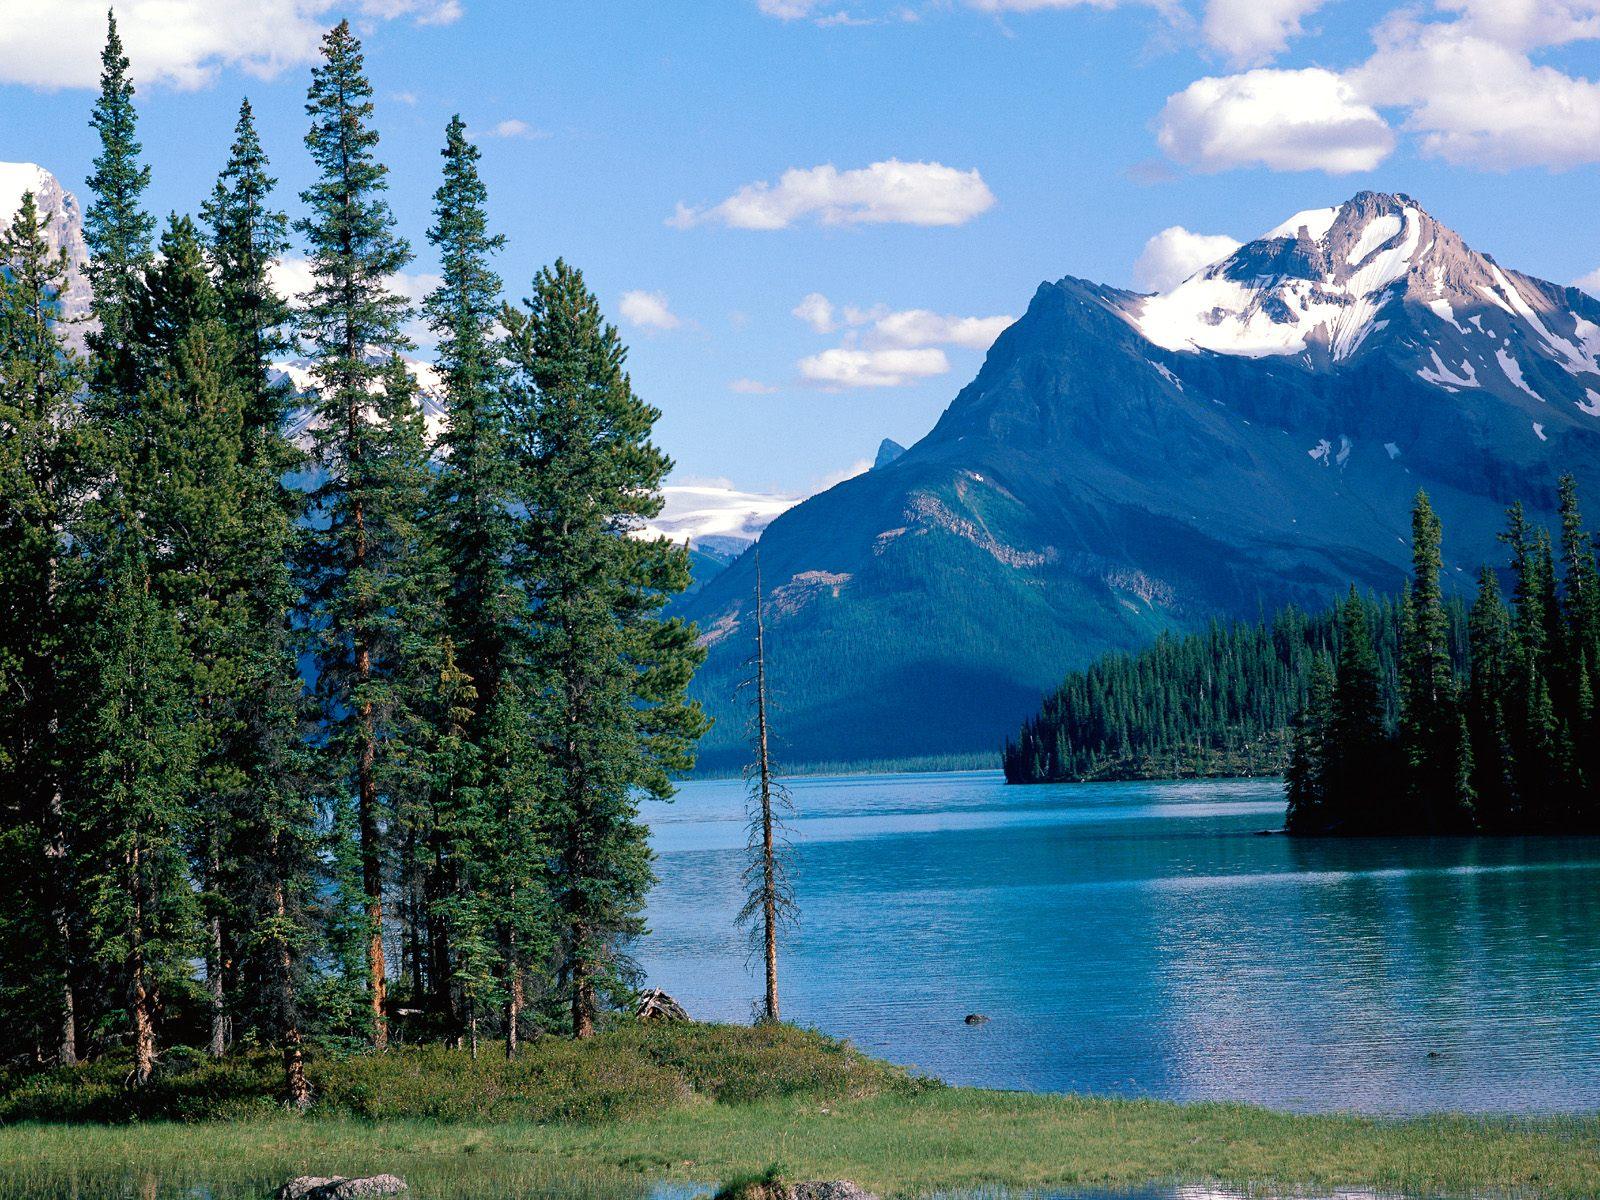 http://4.bp.blogspot.com/-okk5cN70IIA/TfrkObjC6OI/AAAAAAAAFLs/aWDVZb9NFnI/s1600/Canada%2B%252833%2529.jpg